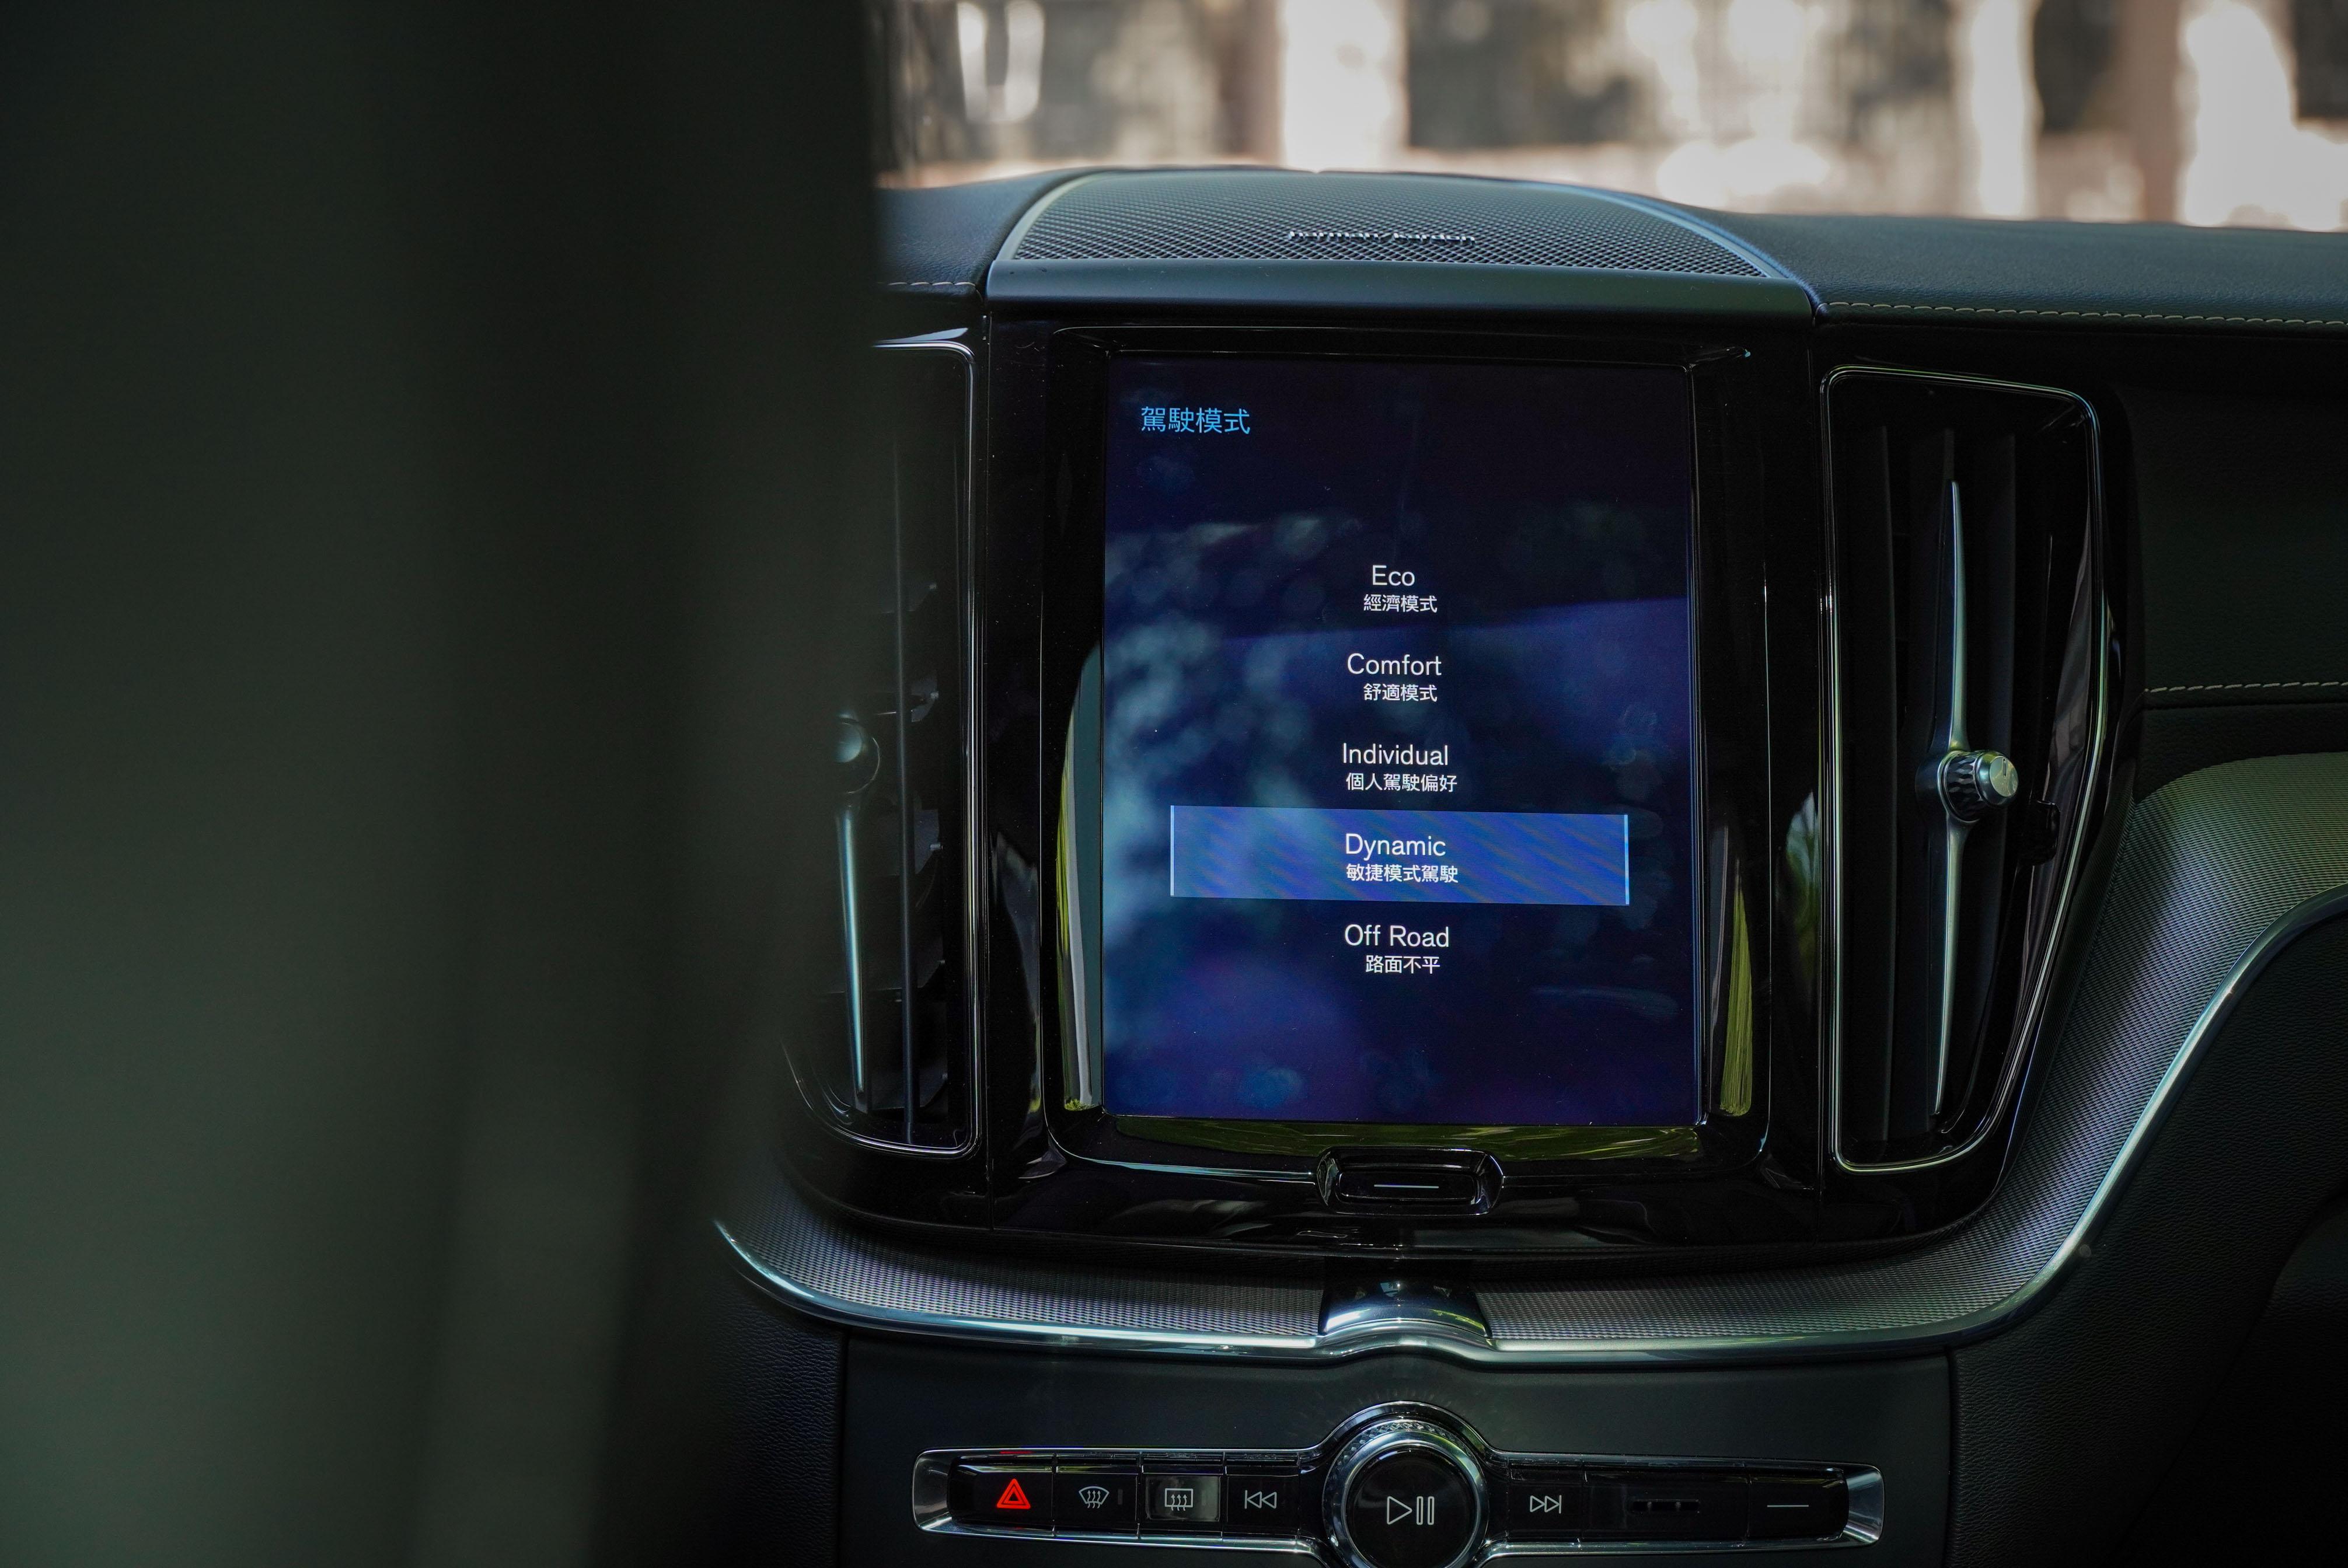 提供 Eco、Comfort、Dynamic、Individual、Off-Road 五種駕馭模式。